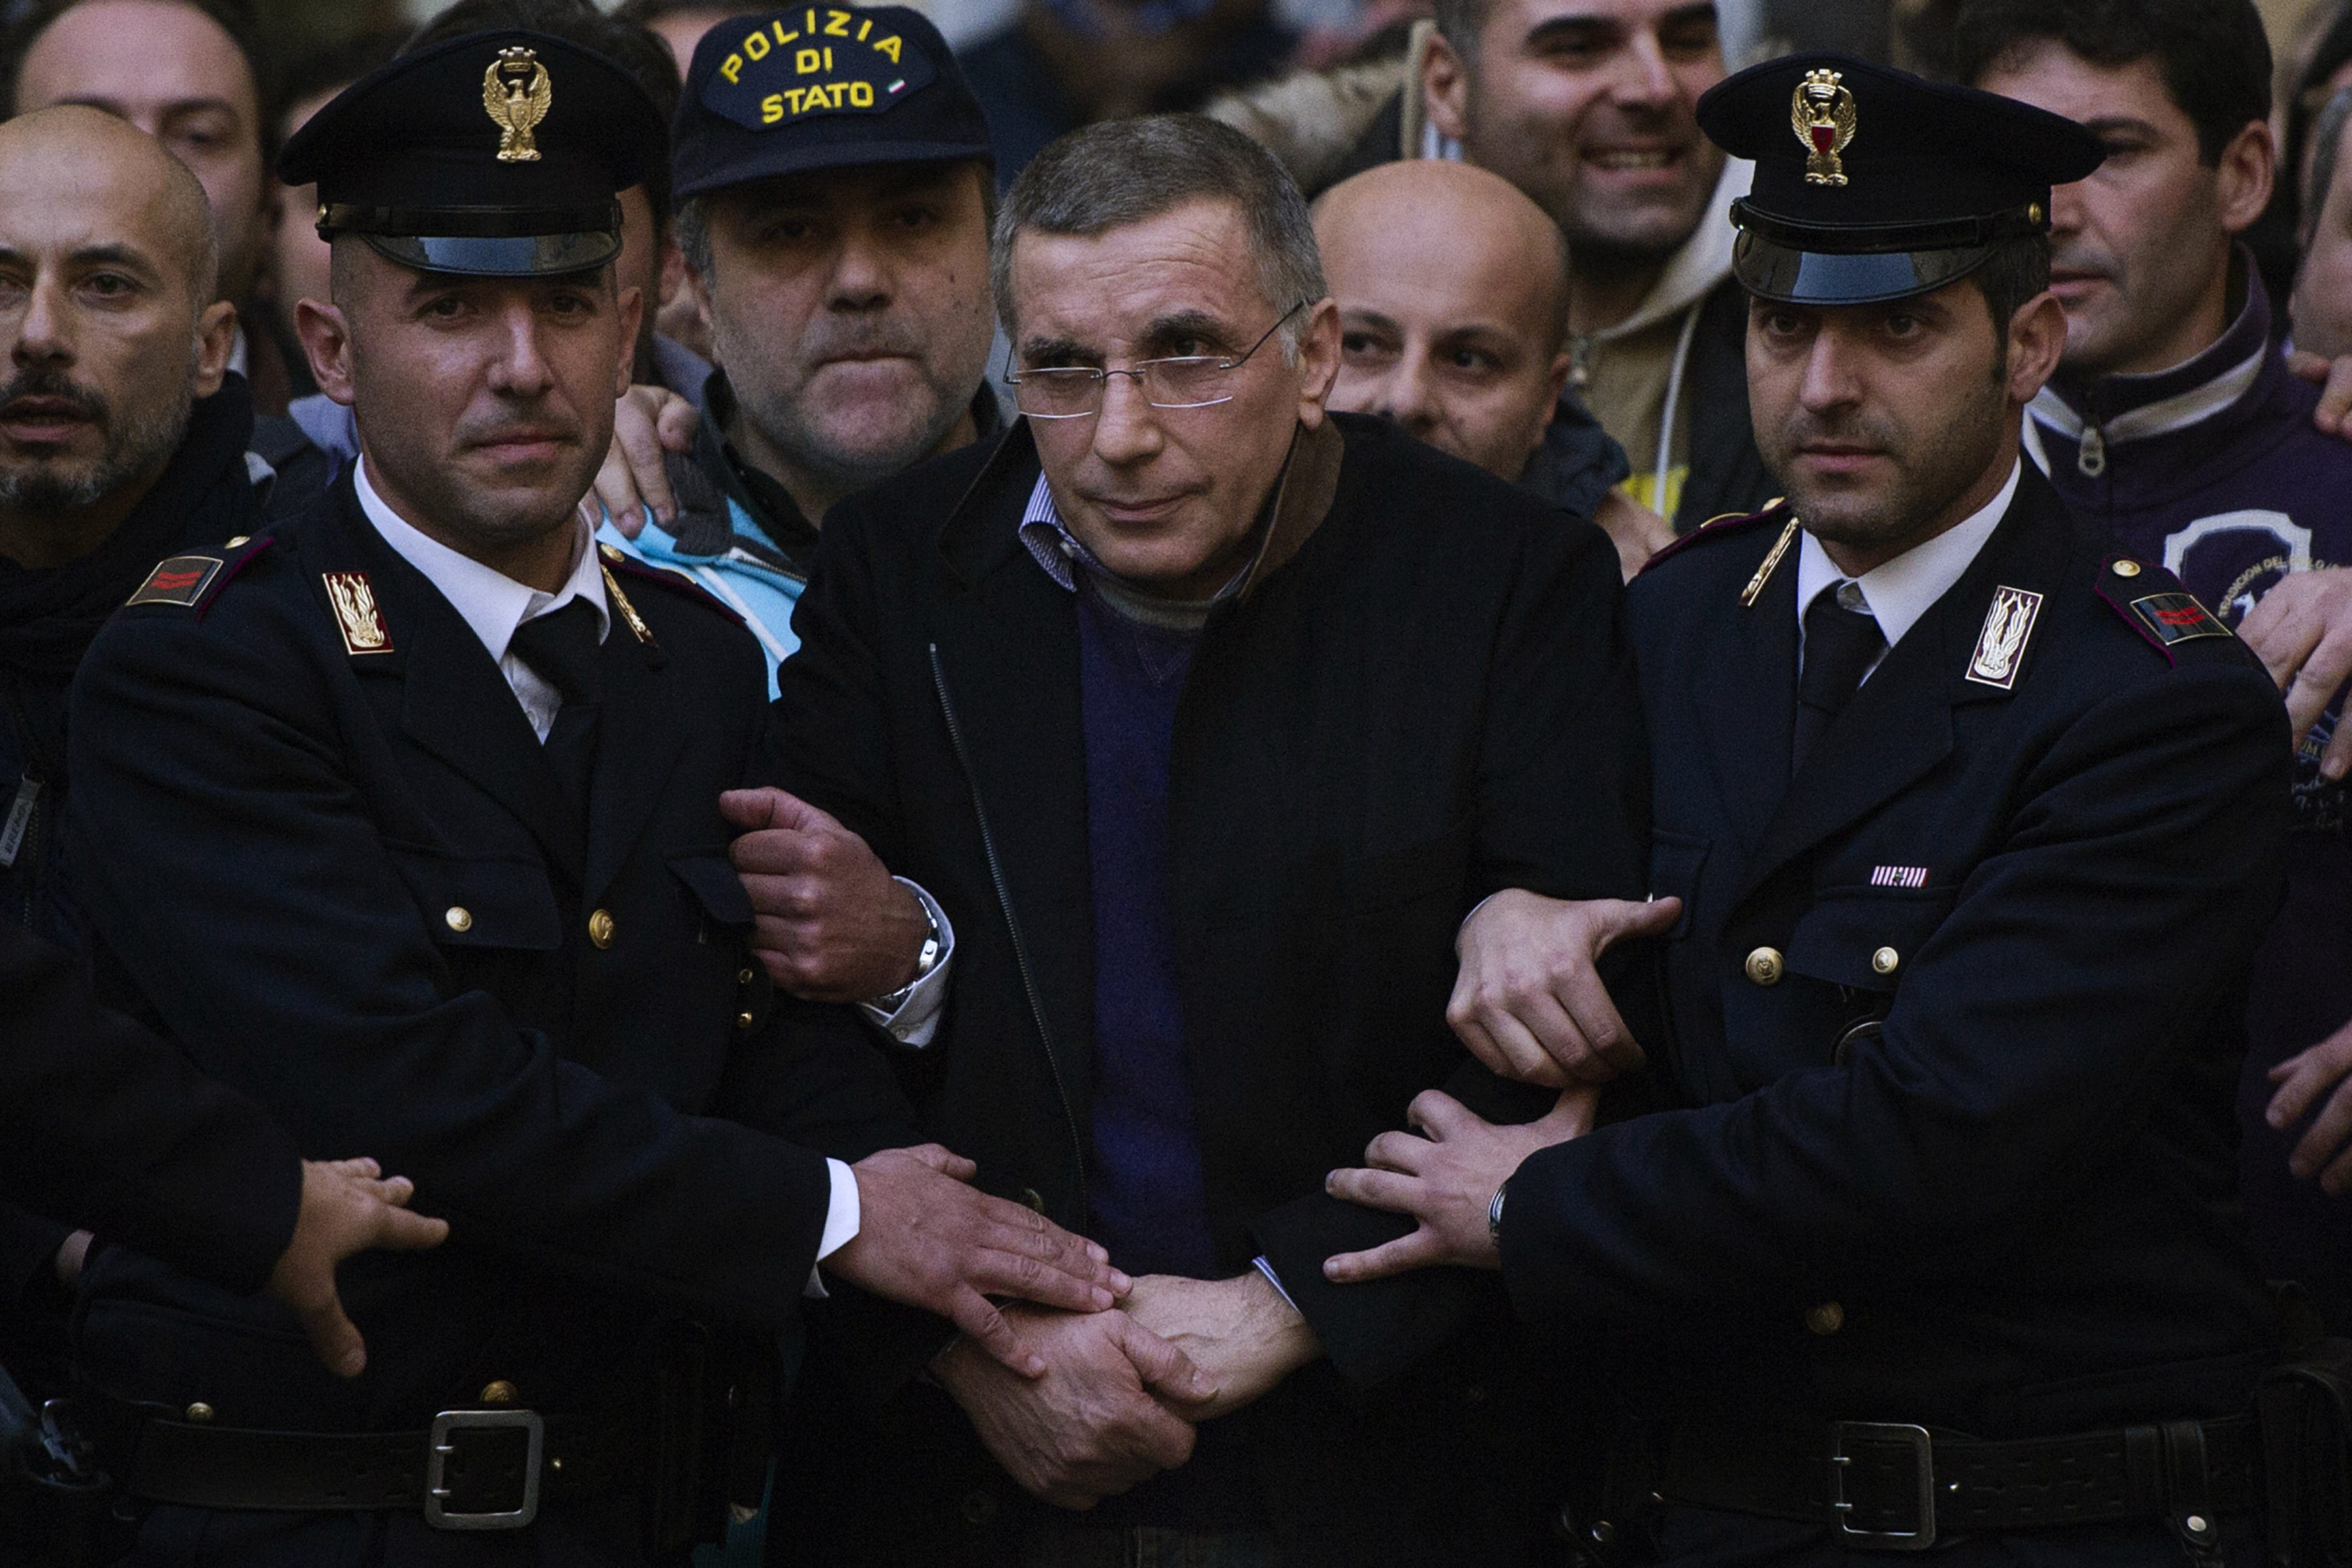 L'arresto di Michele Zagaria nel 2011